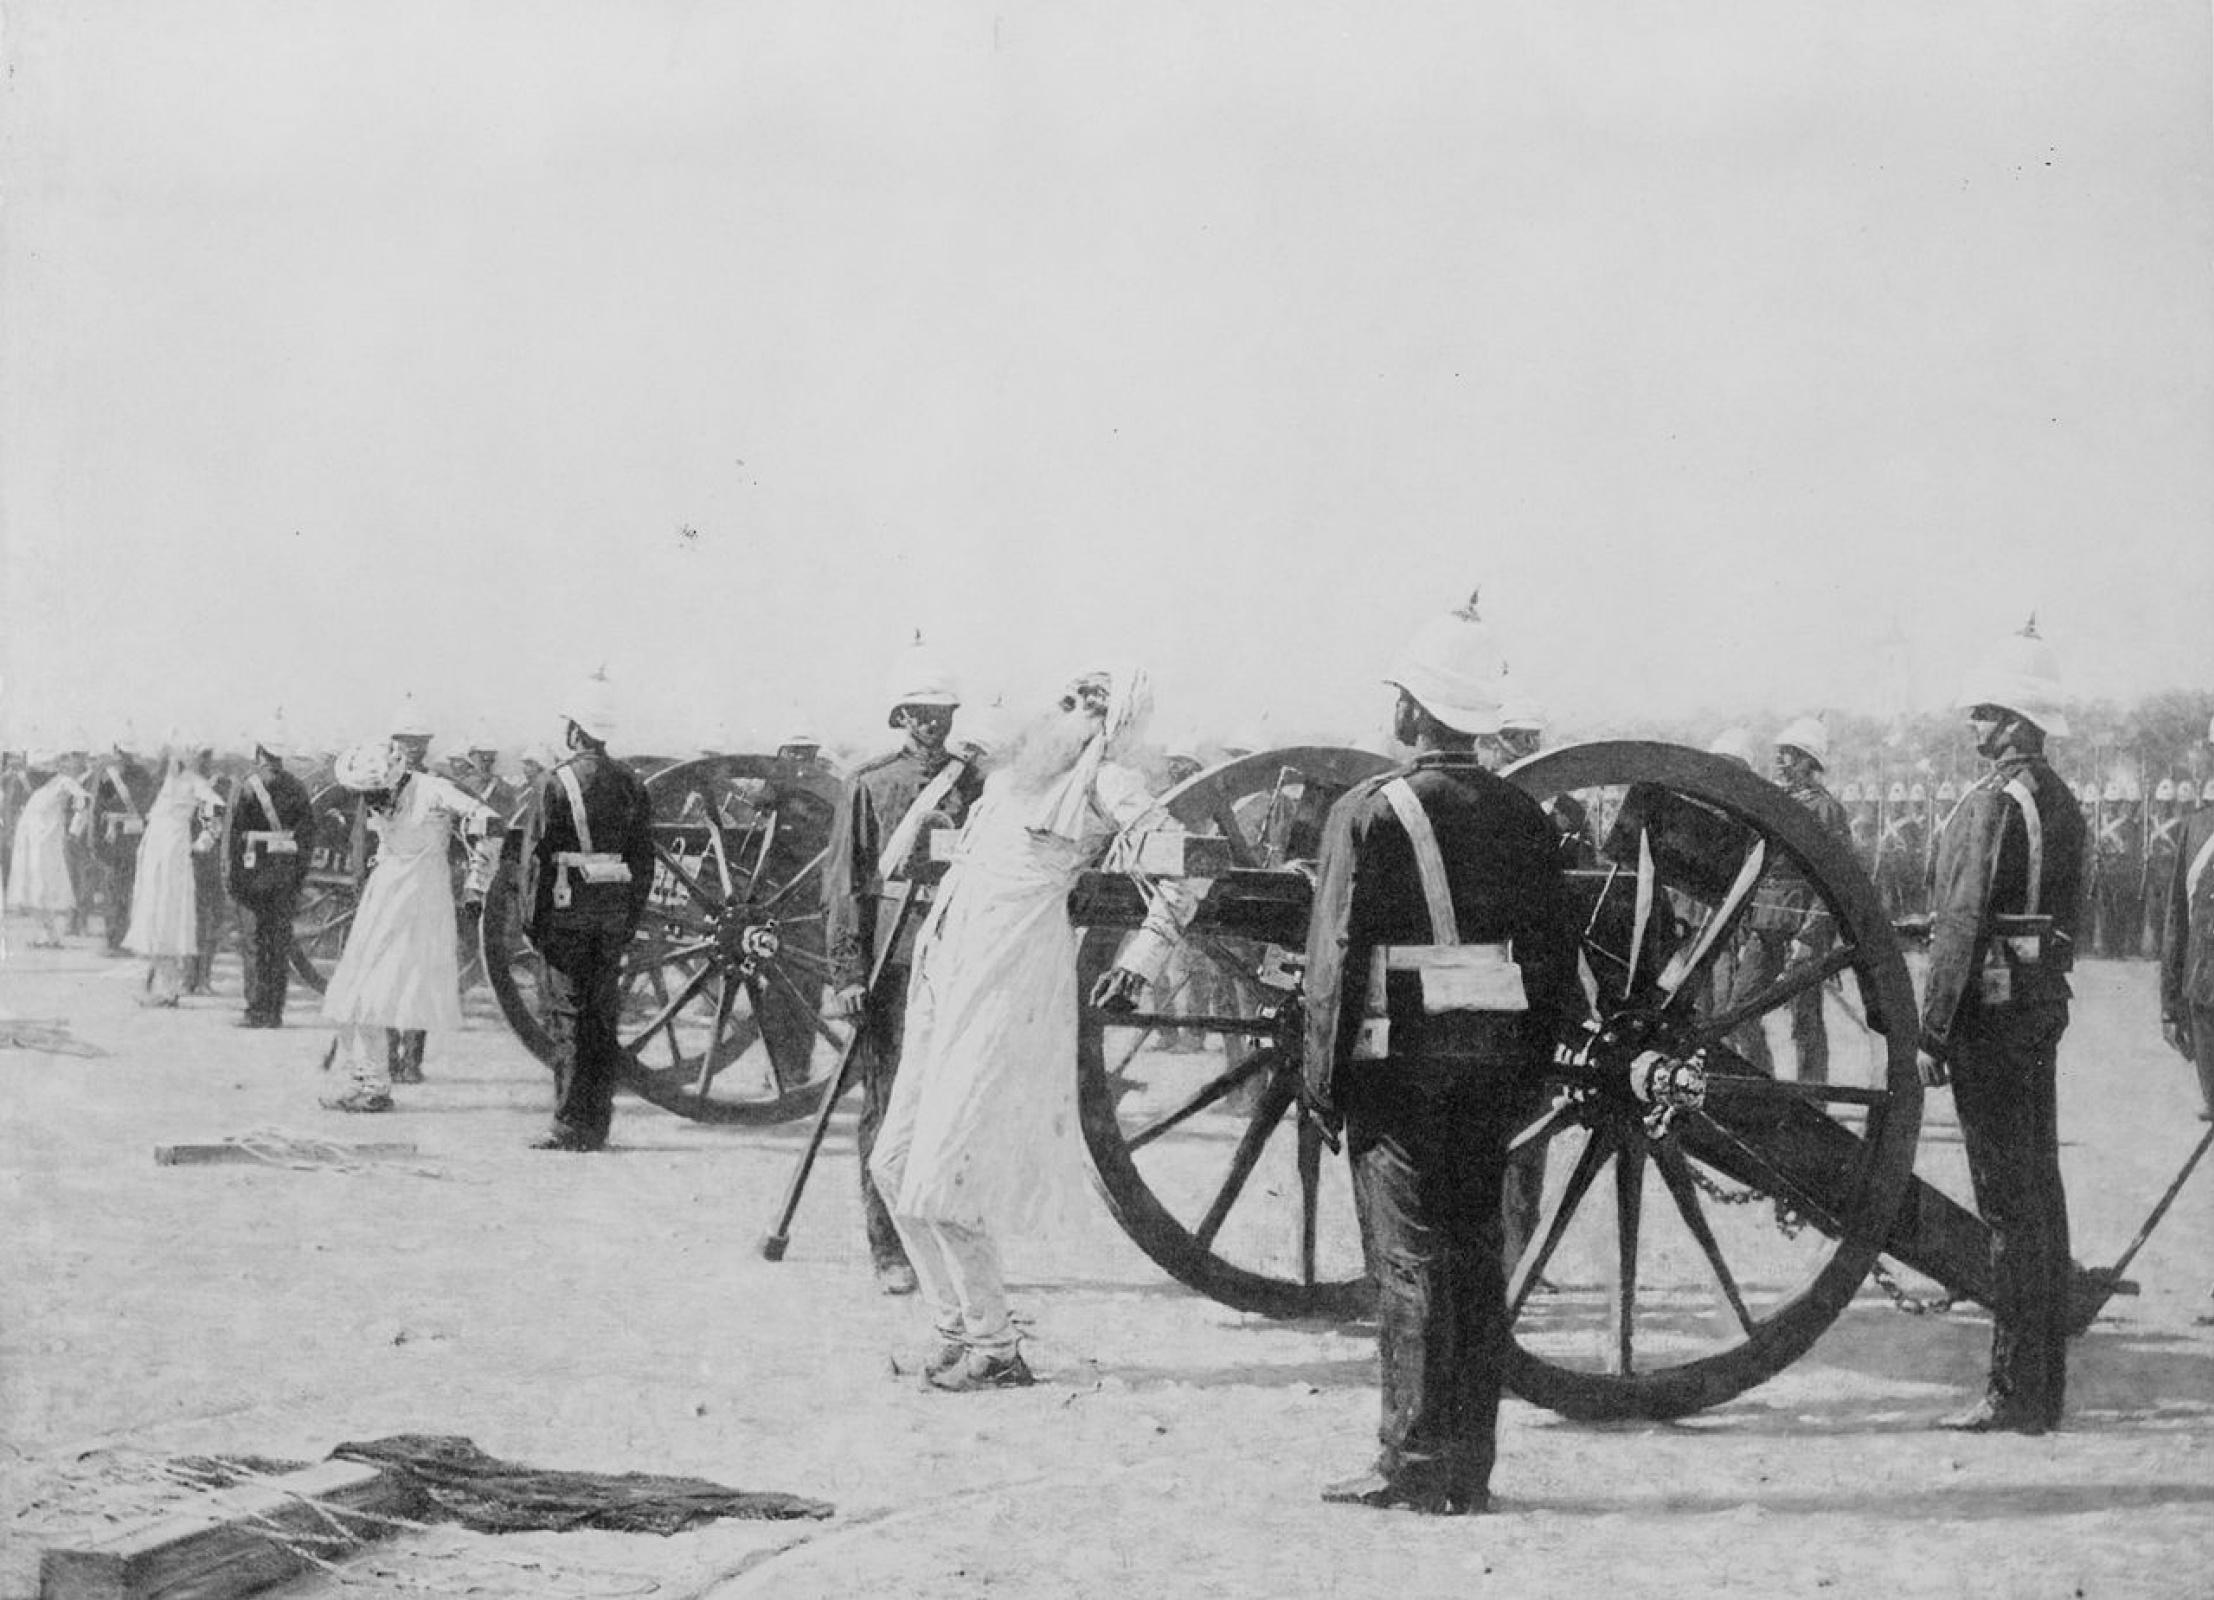 Vasily Vasilyevich Vereshchagin. The suppression of the Indian uprising by the British